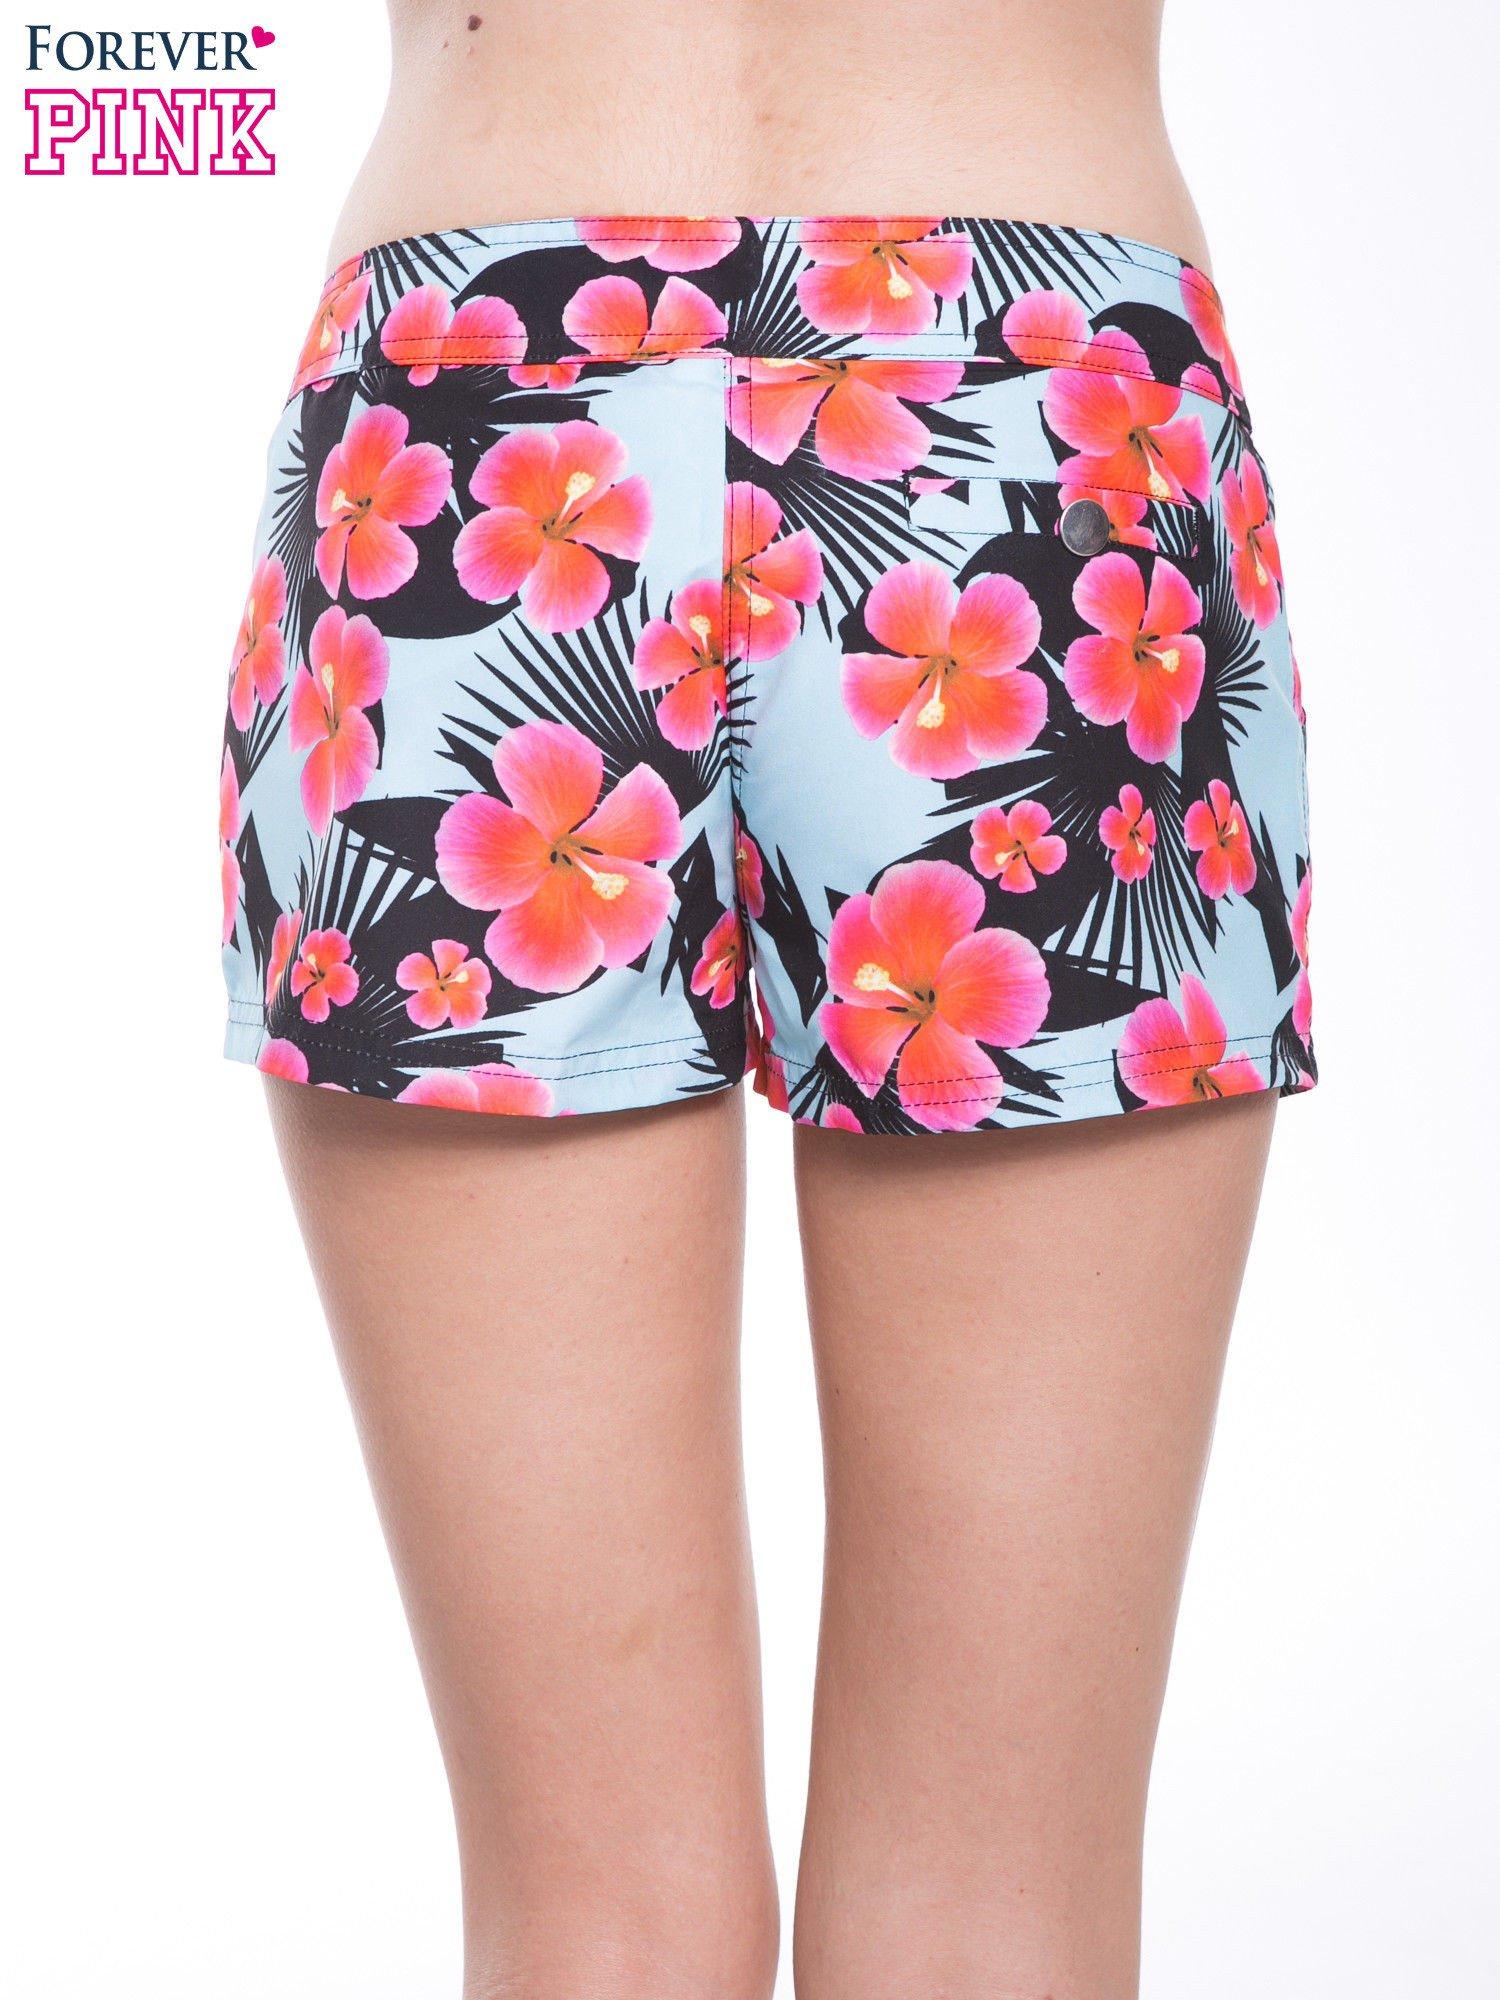 Kwiatowe szorty plażowe zapinane na guzik                                  zdj.                                  2